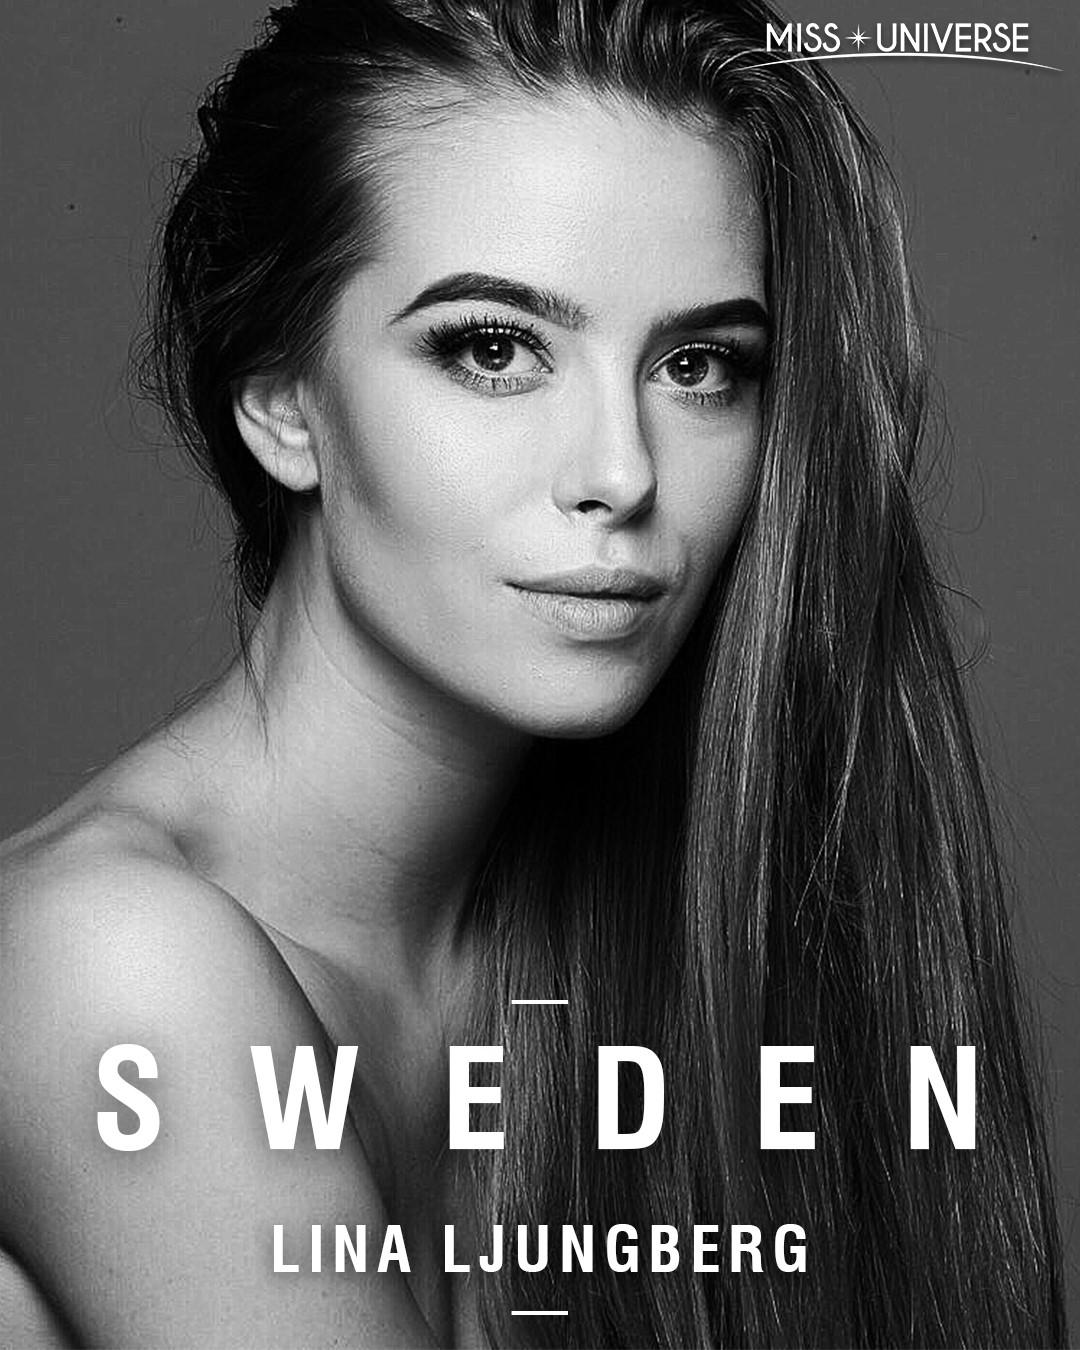 Lina Ljungberg (SWEDEN INTERNATIONAL 2017 & UNIVERSE 2019) 28